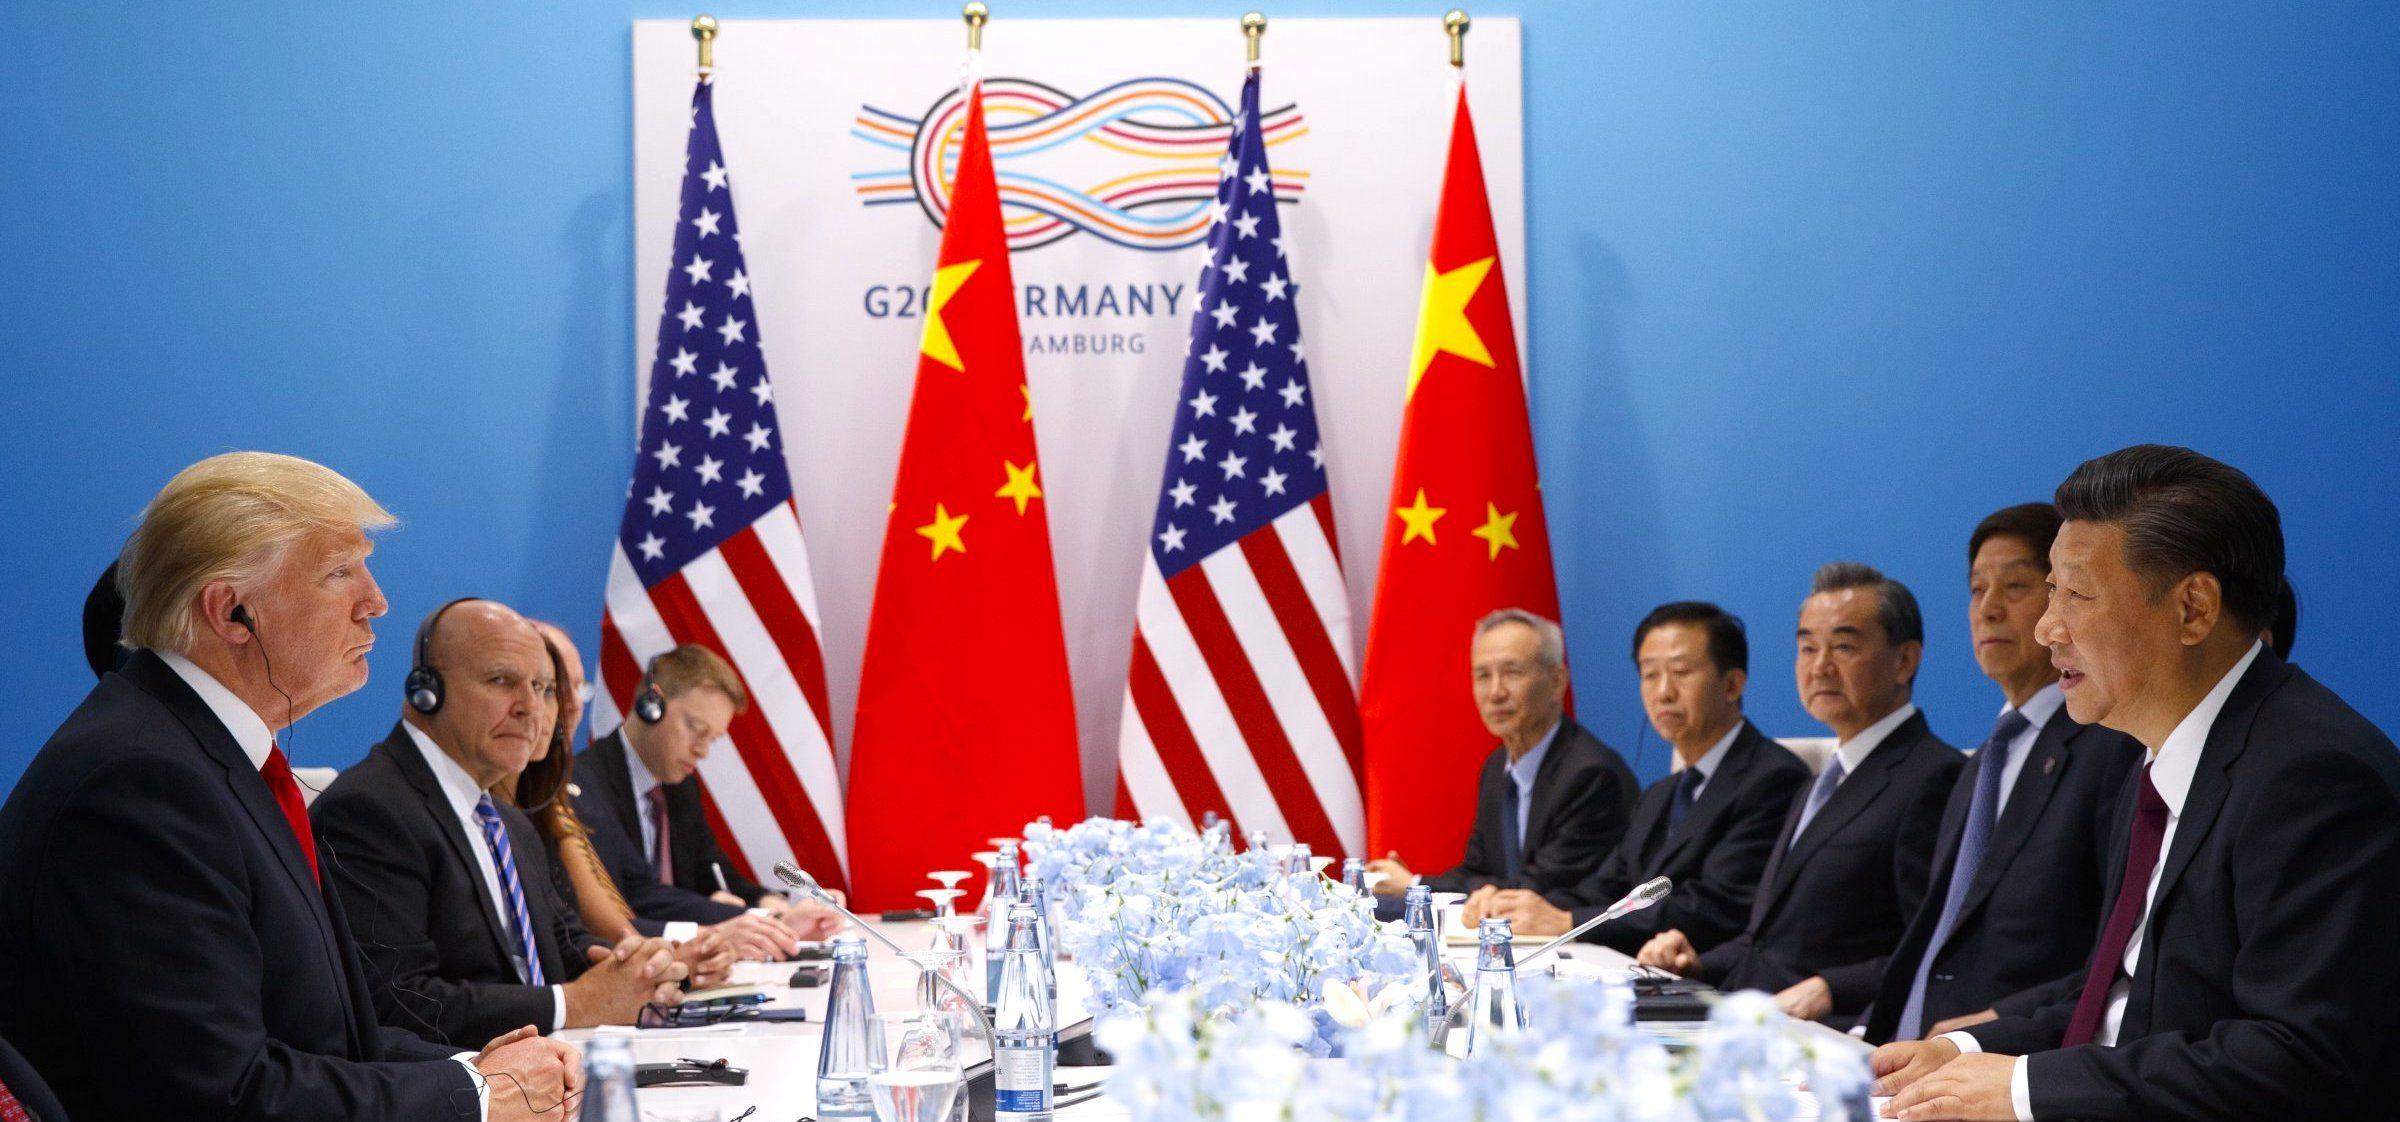 Trump meets Xi Jinping